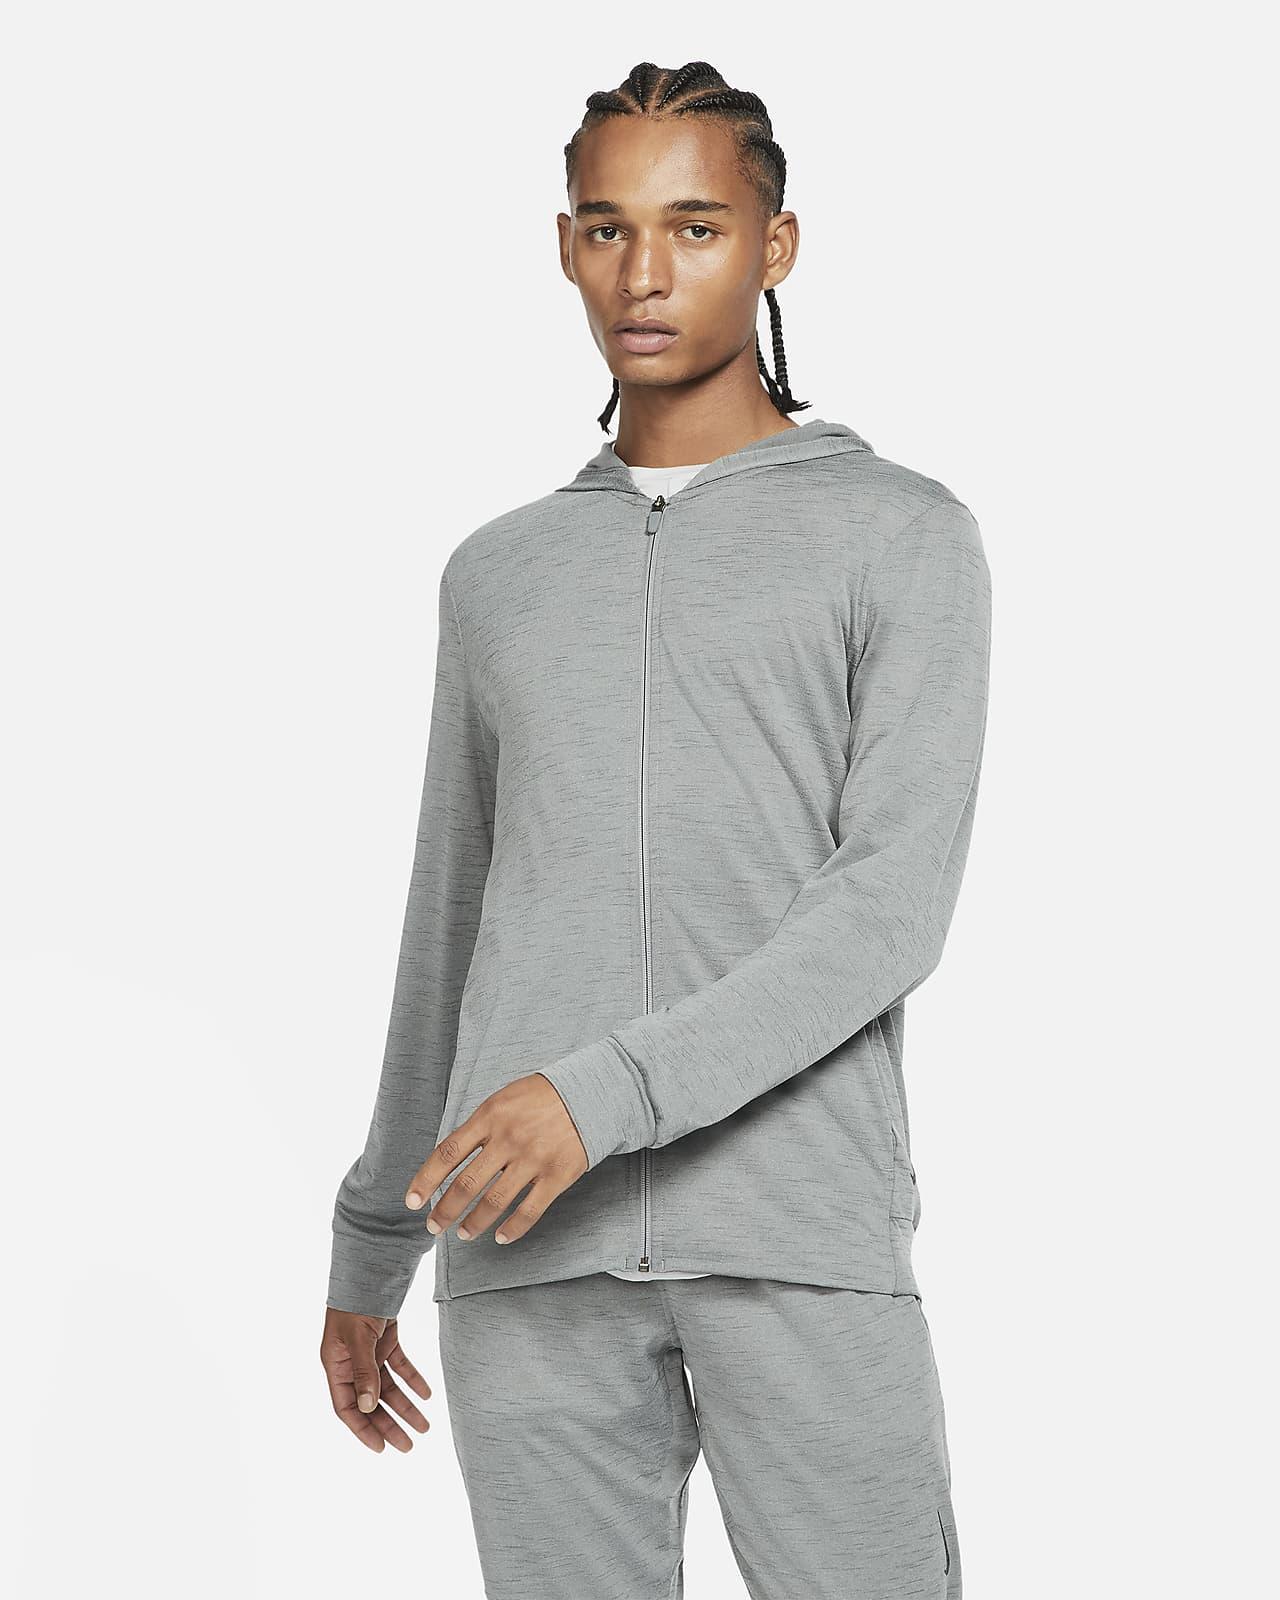 Pánská bunda Nike Yoga Dri-FIT se zipem po celé délce